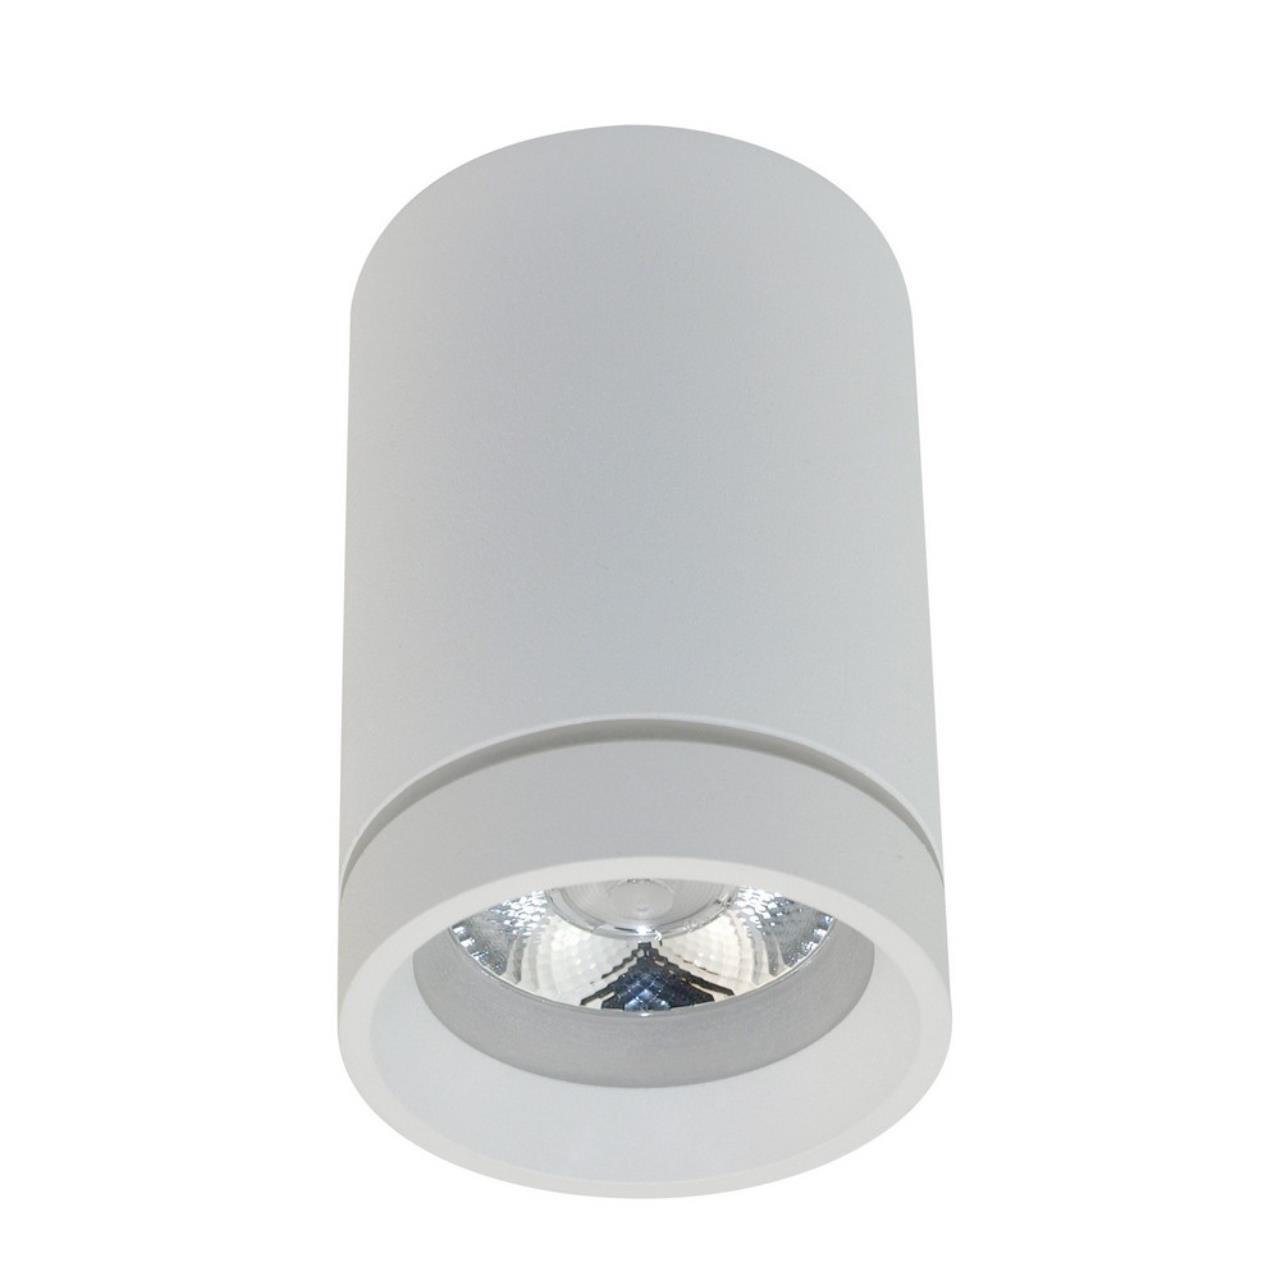 Встраиваемый-накладной светильник Aployt APL.0053.09.10